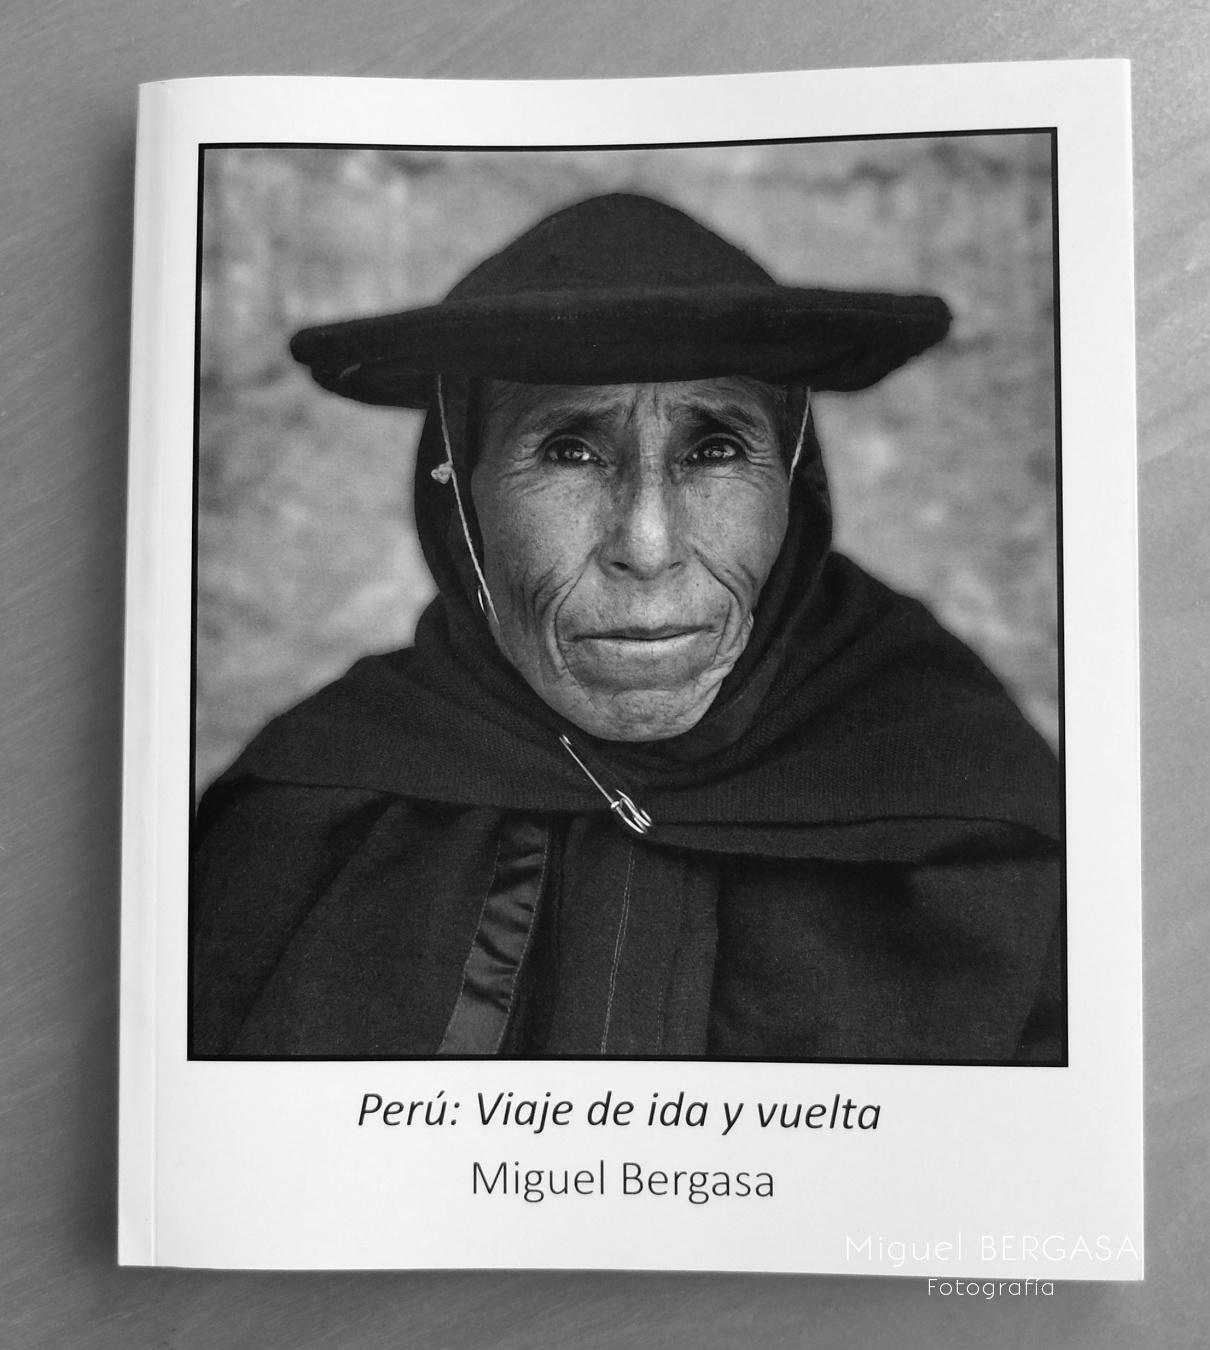 Perú Viaje de Ida y Vuelta 2016 - Catálogos y portadas libros - Miguel BERGASA, Fotografía